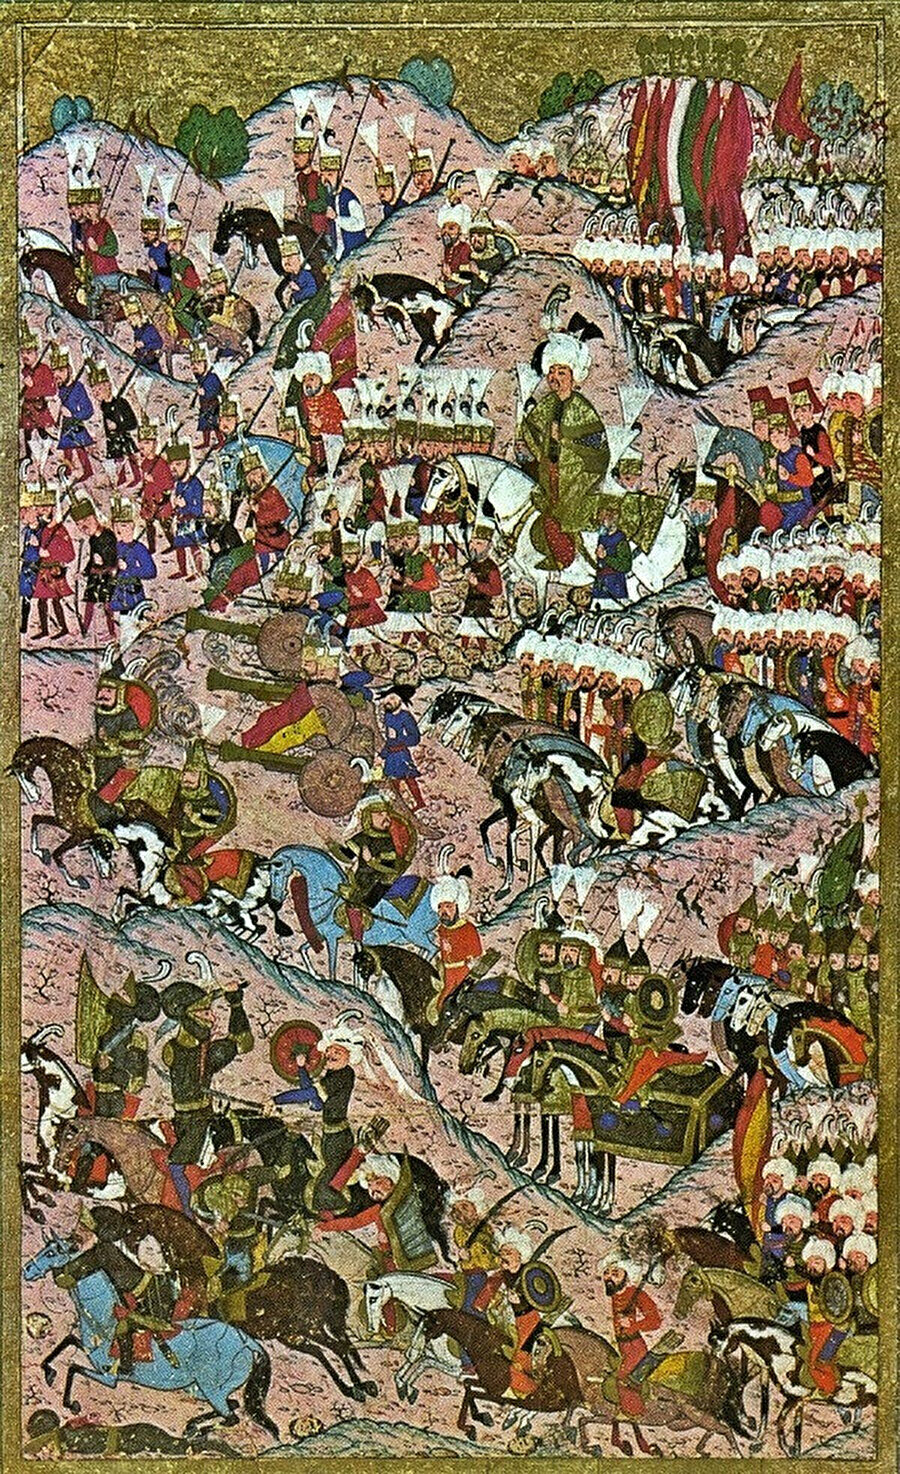 İki saat içinde Osmanlı ordusunun zaferiyle sonuçlanan, tarihe de dünyanın en kısa süren meydan savaşı olarak geçen Mohaç Meydan Savaşı (1526) sonrası Kanuni Sultan Süleyman'ı ve Osmanlı askerlerini, zaferi kutlarken tasvir eden bir minyatür.